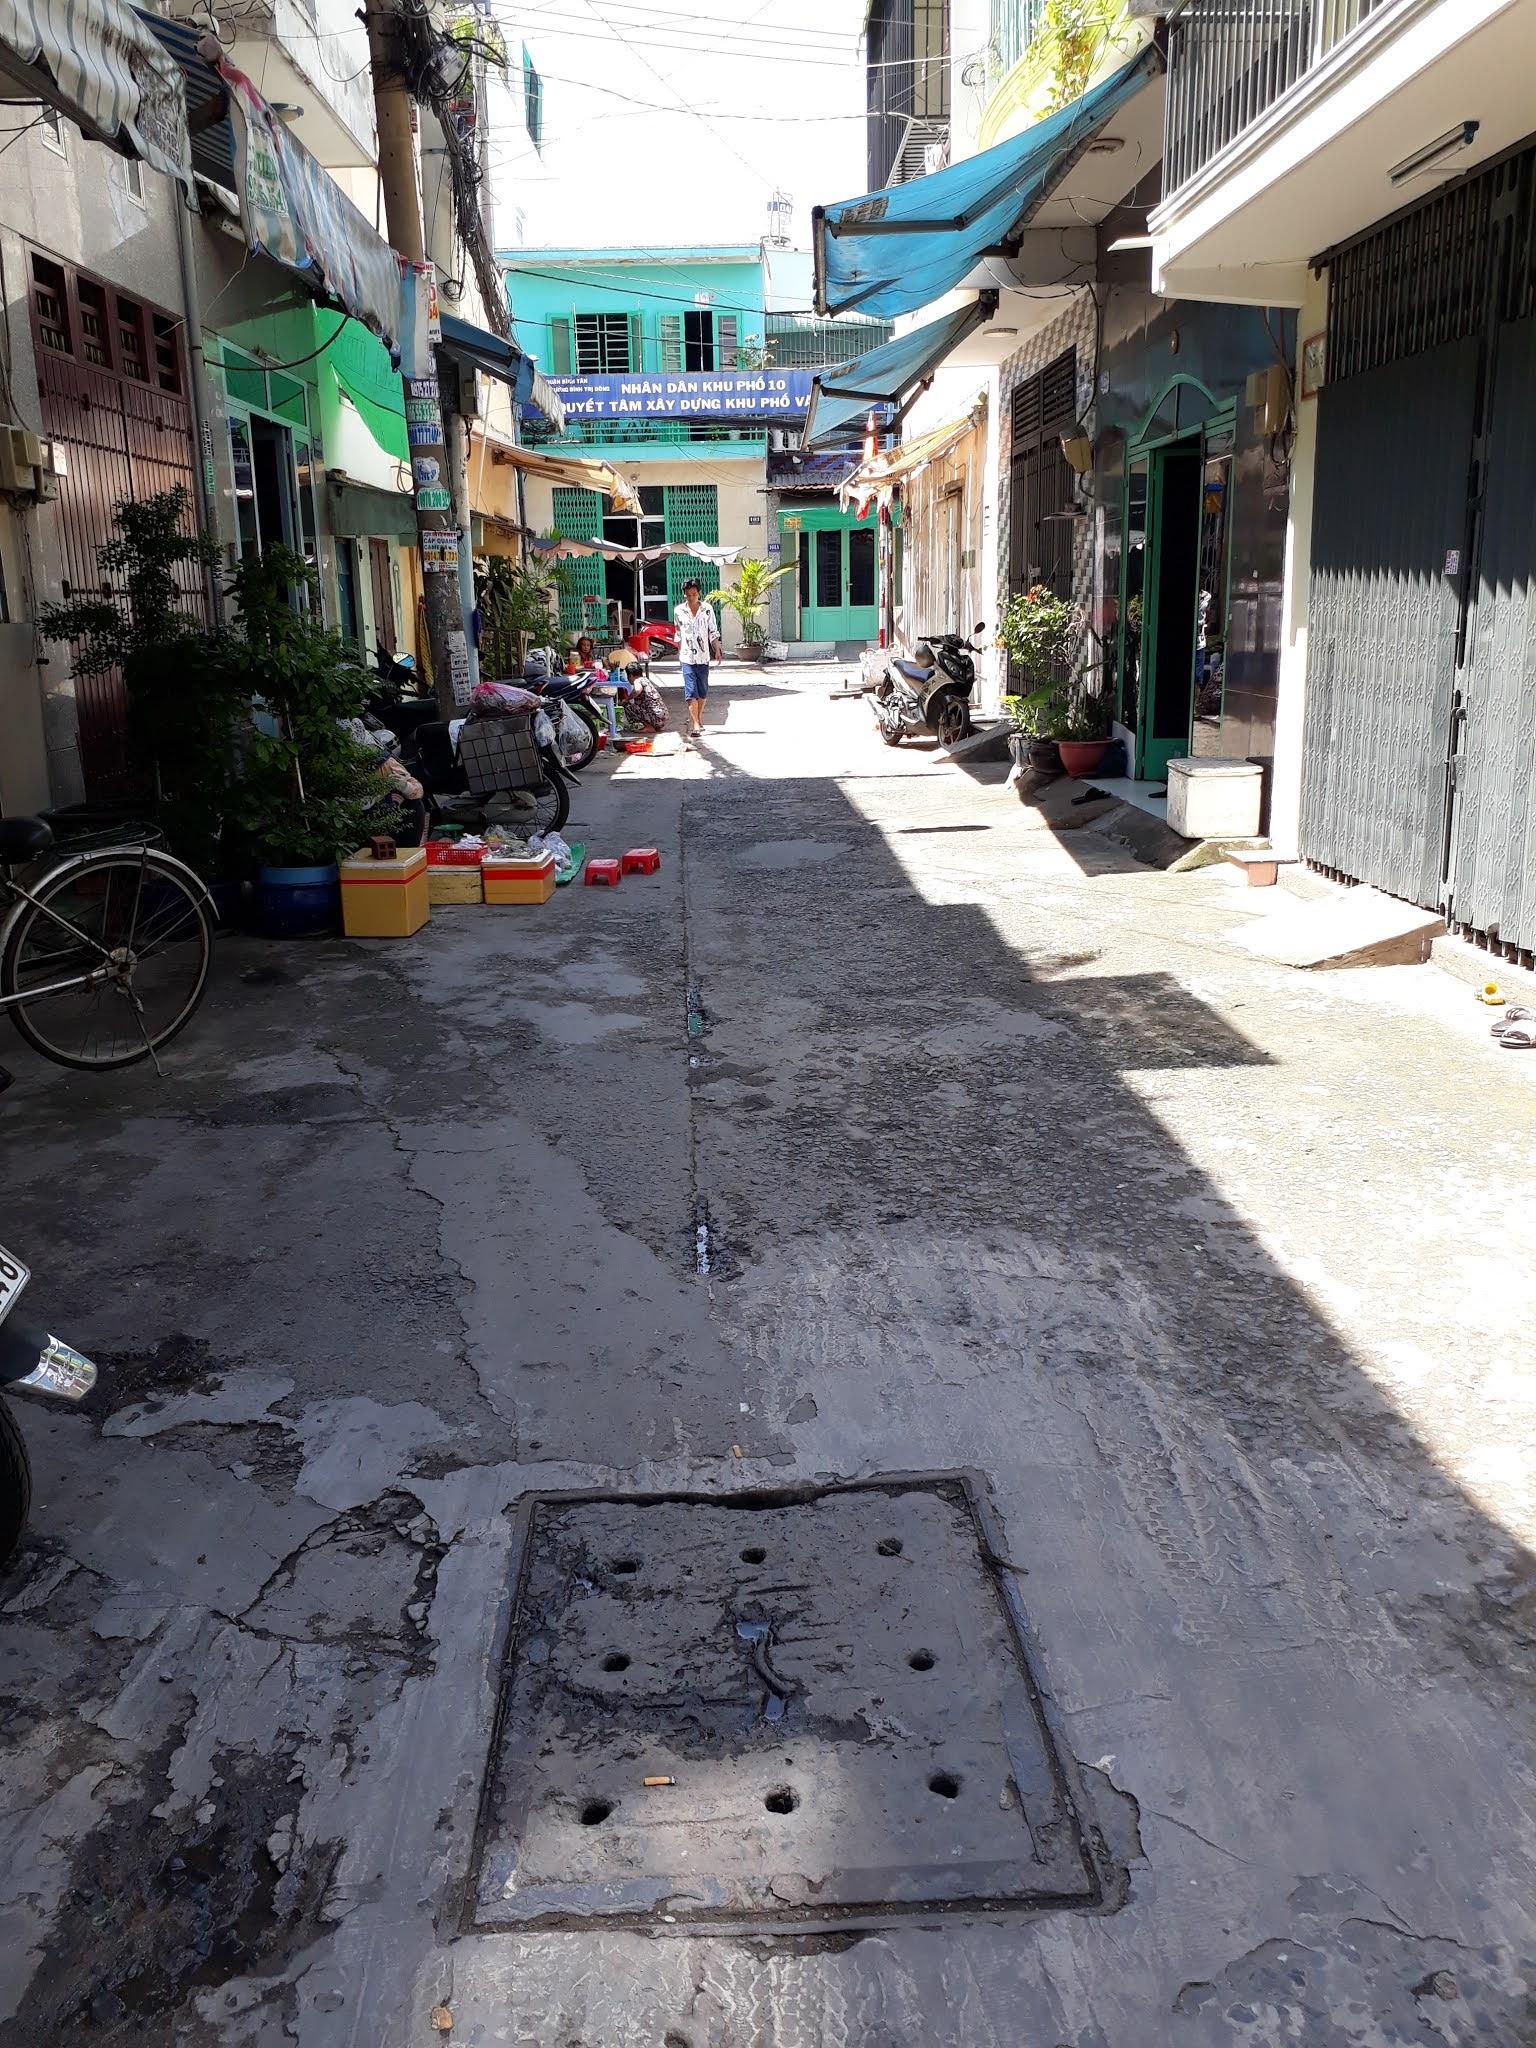 Bán nhà đường Liên khu 10-11 Bình Trị Đông quận Bình Tân. DT 4x11m đúc 4 tấm